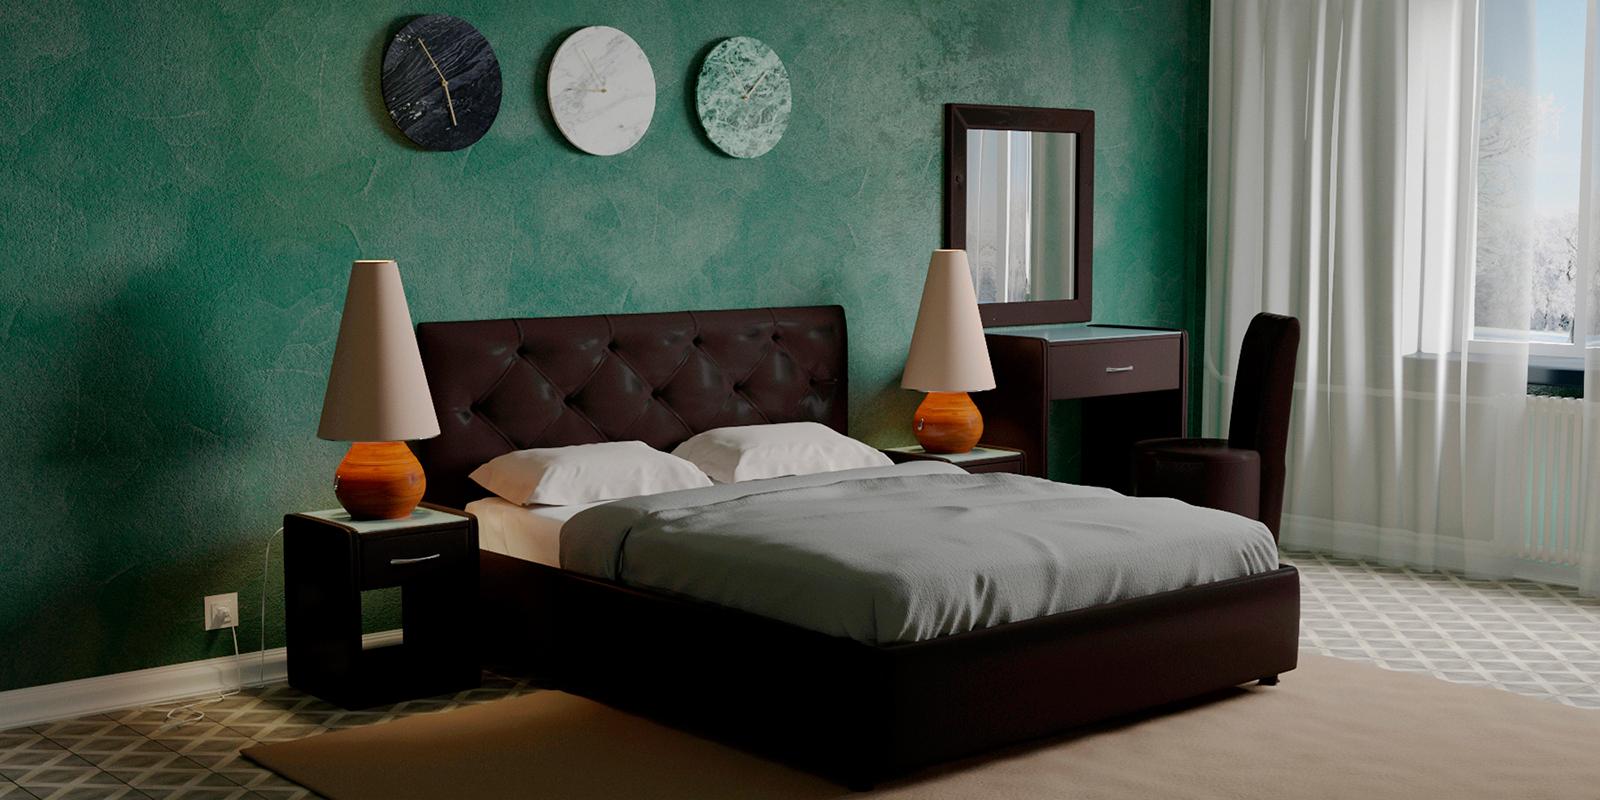 Купить Мягкая кровать 200х160 Малибу вариант №2 с ортопедическим основанием (Шоколад), HomeMe